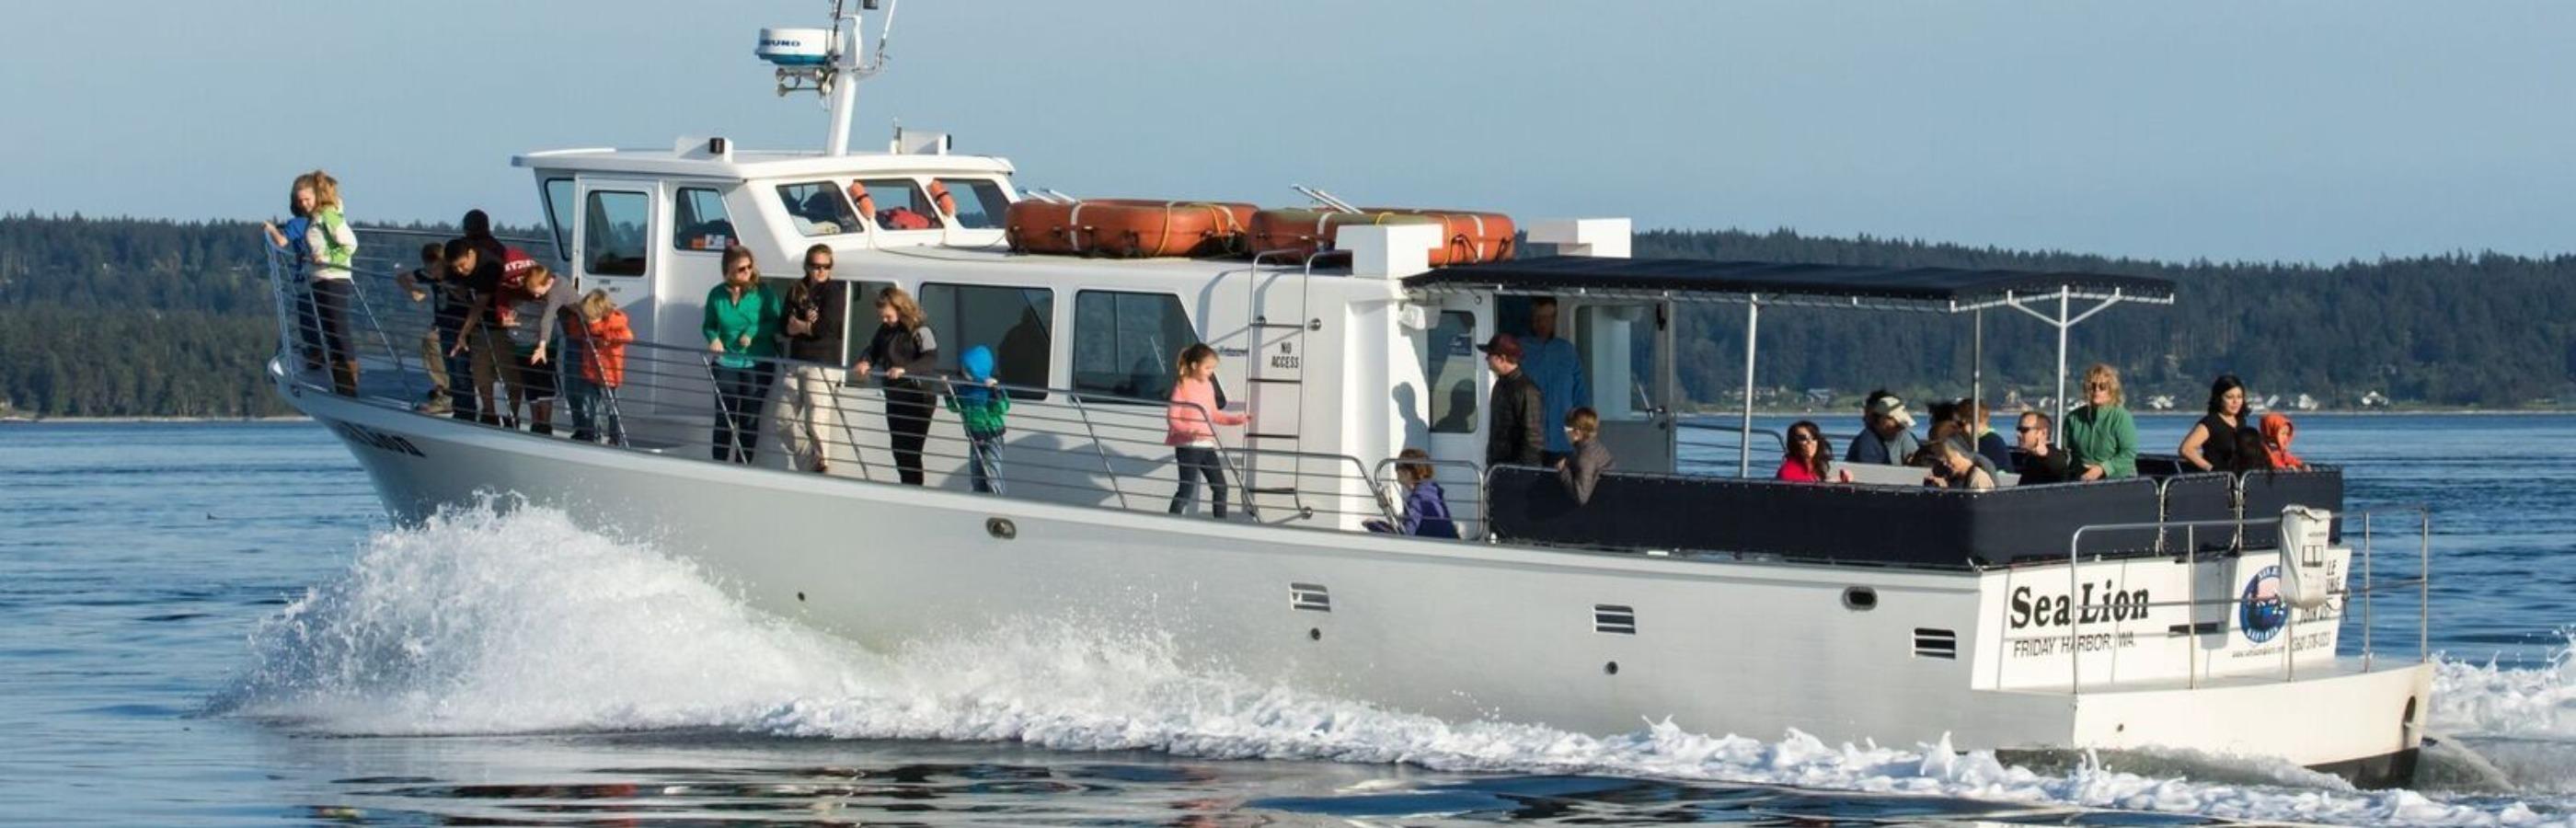 San Juan Safaris Meetings - Sea Lion